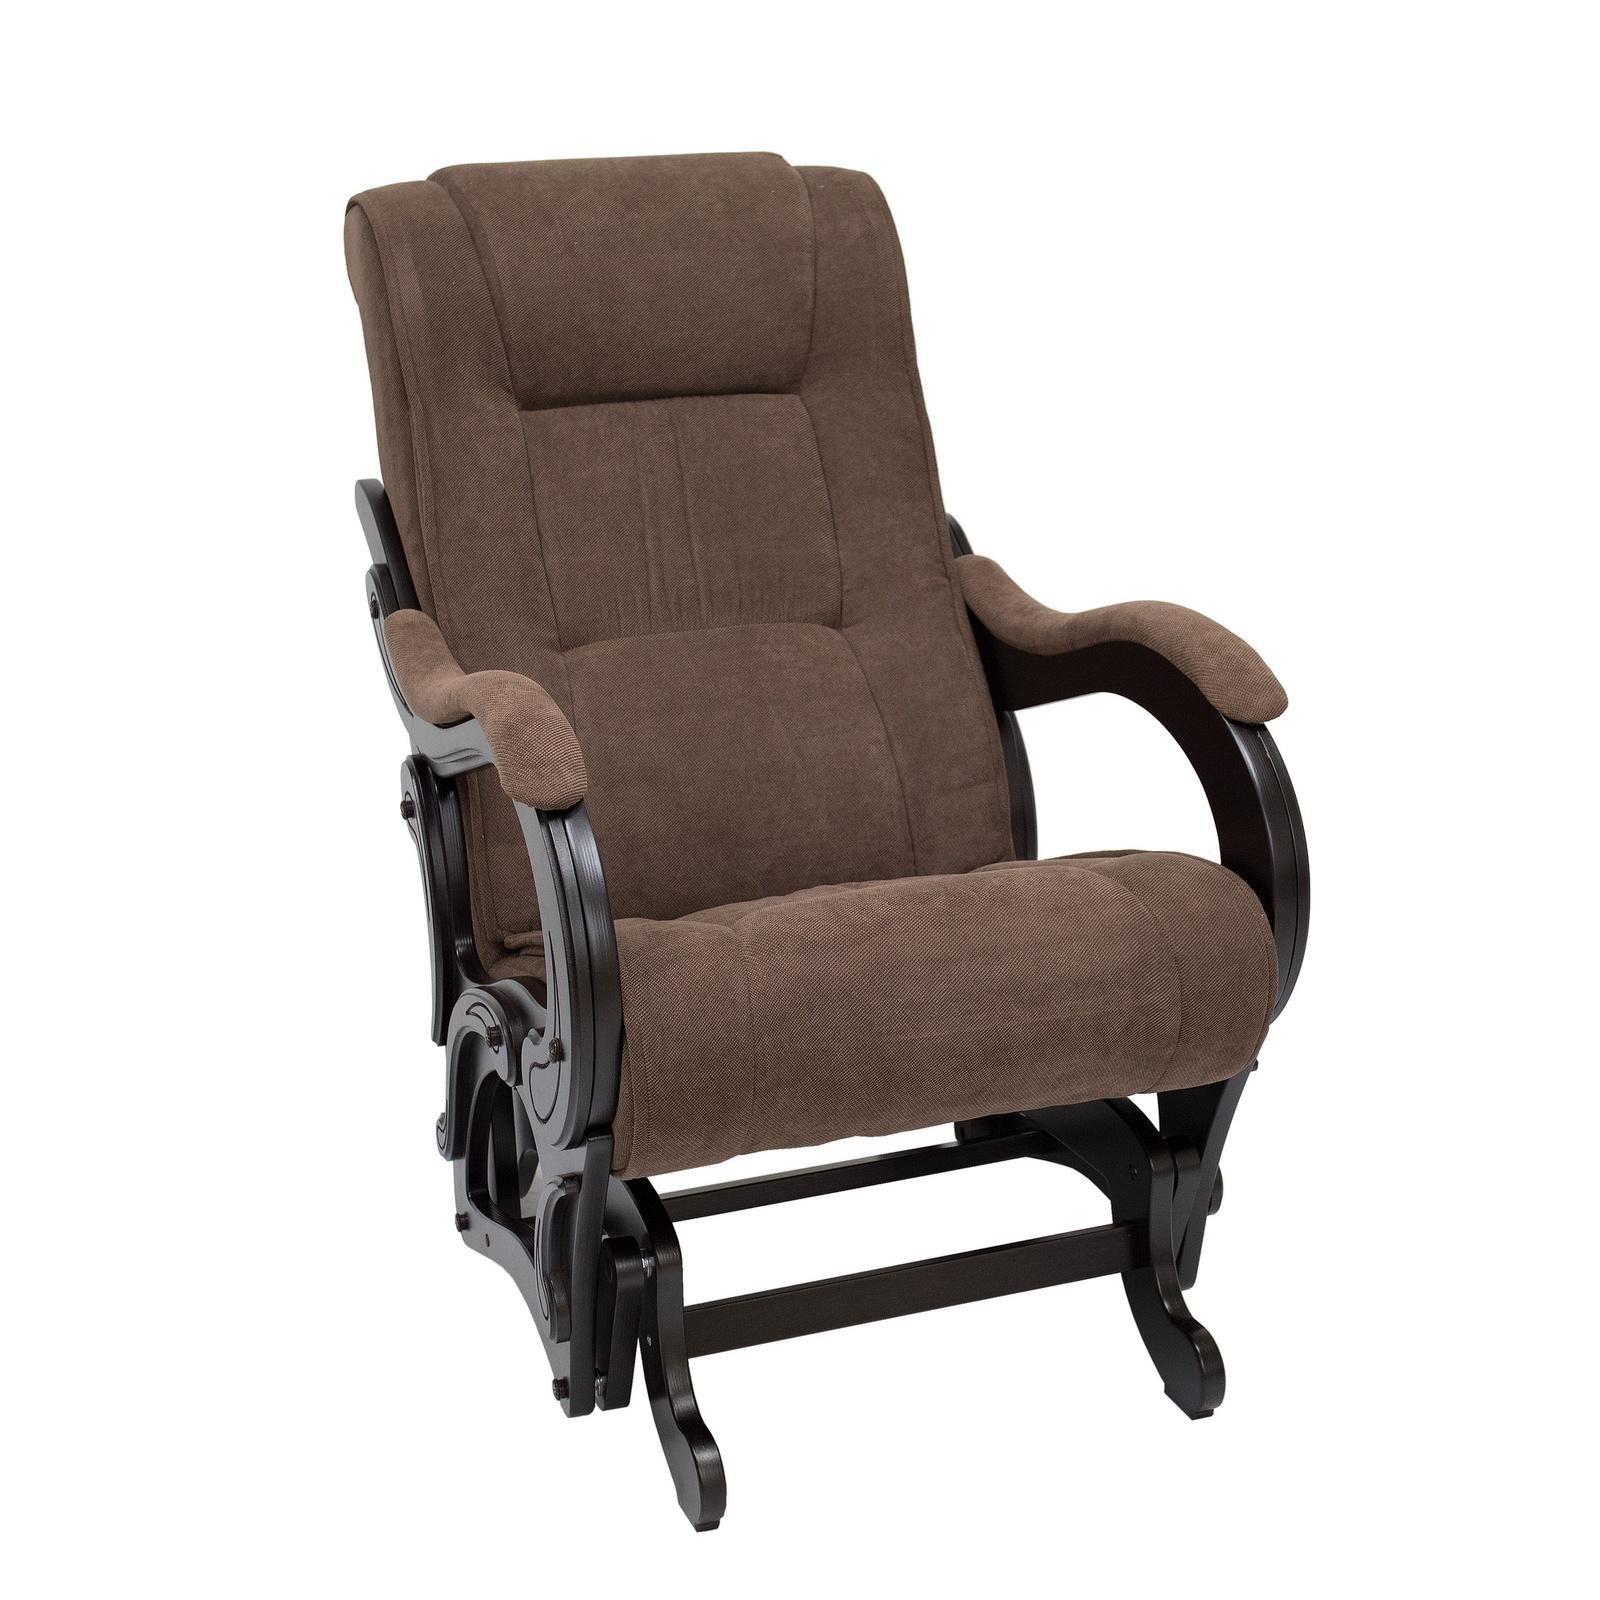 Кресло-качалка Комфорт model-78, коричневый